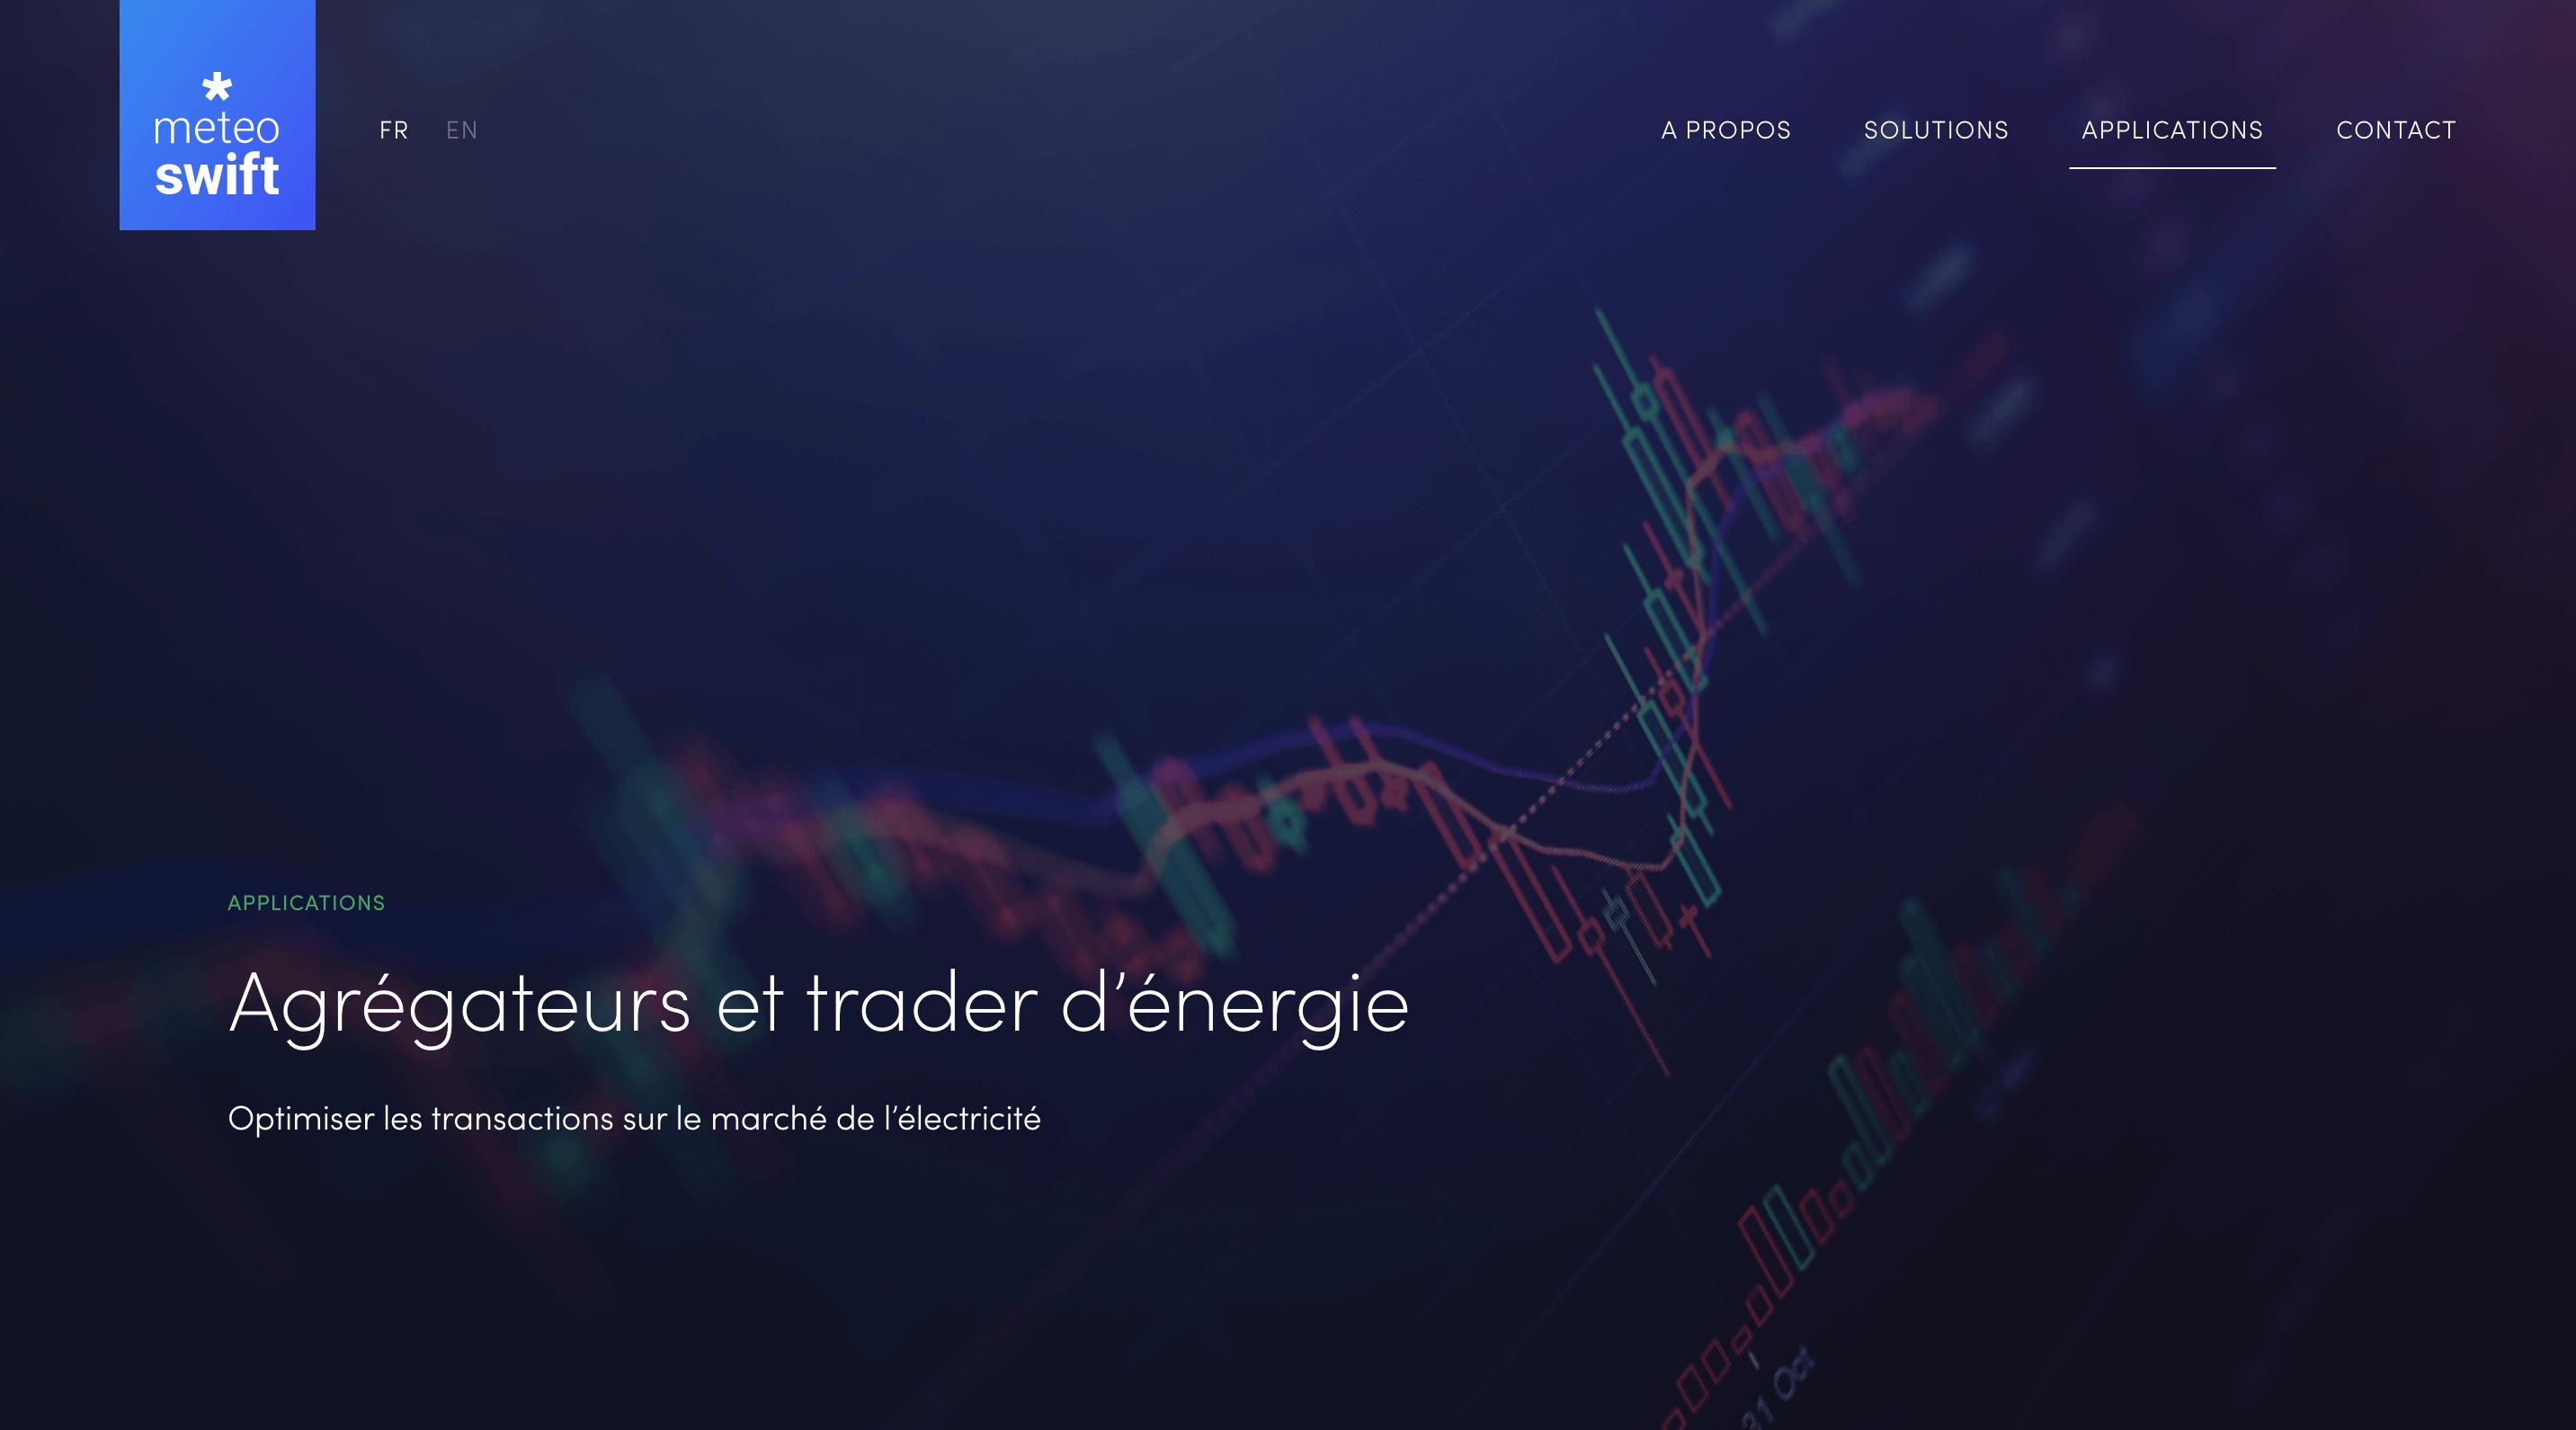 Page Agrégateurs et traders d'énergie Meteo*Swift